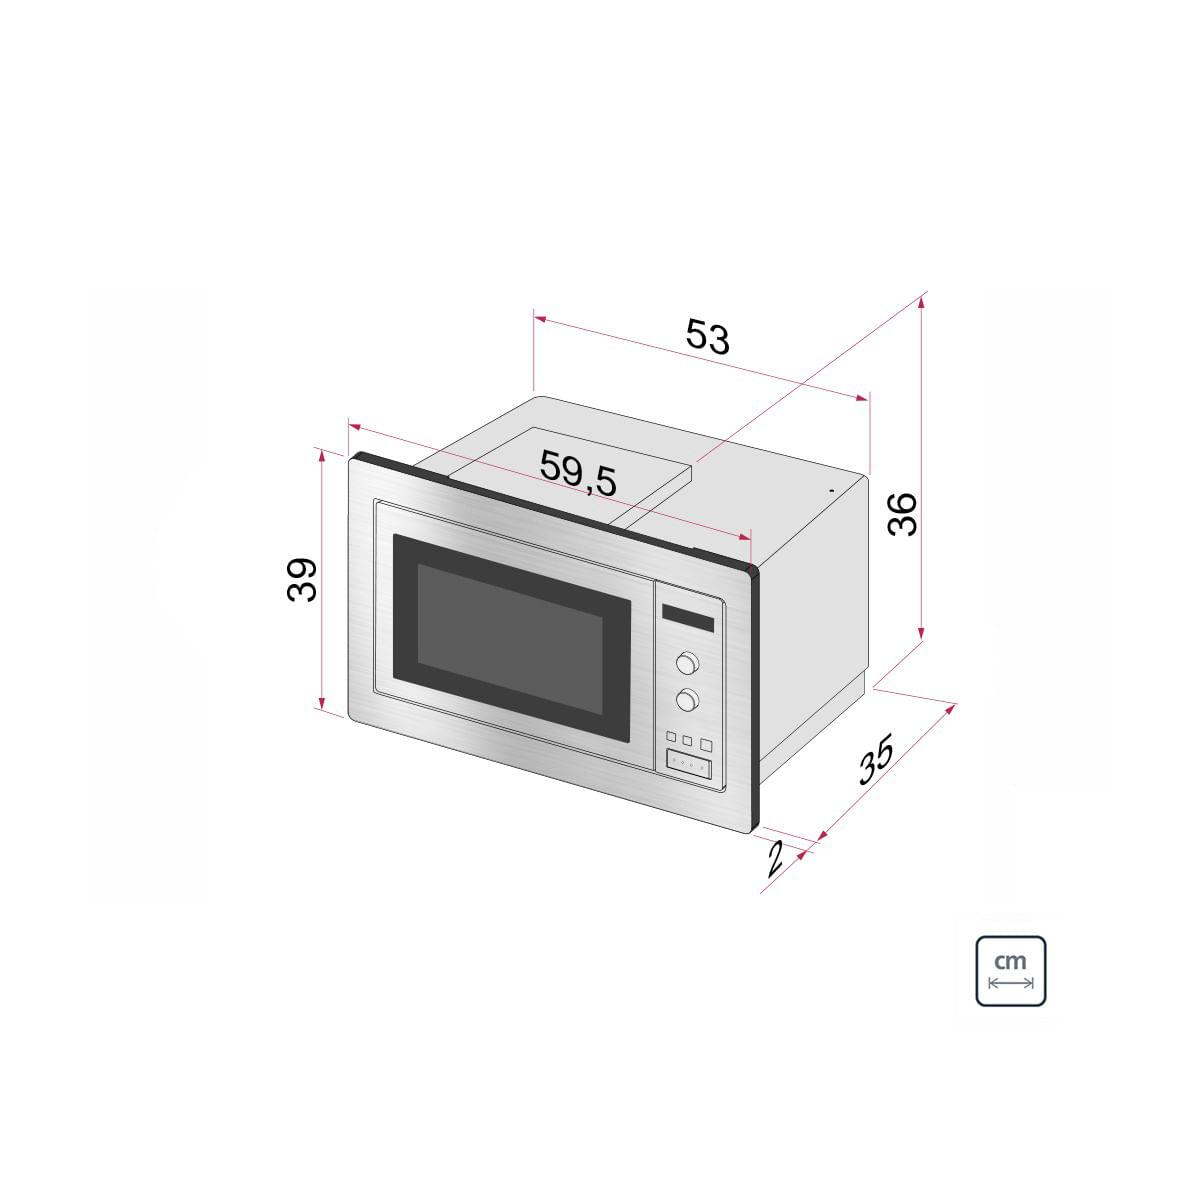 Micro-ondas de Embutir Tramontina 25 L em Aço Inox Tramontina 8 Funções 94880003